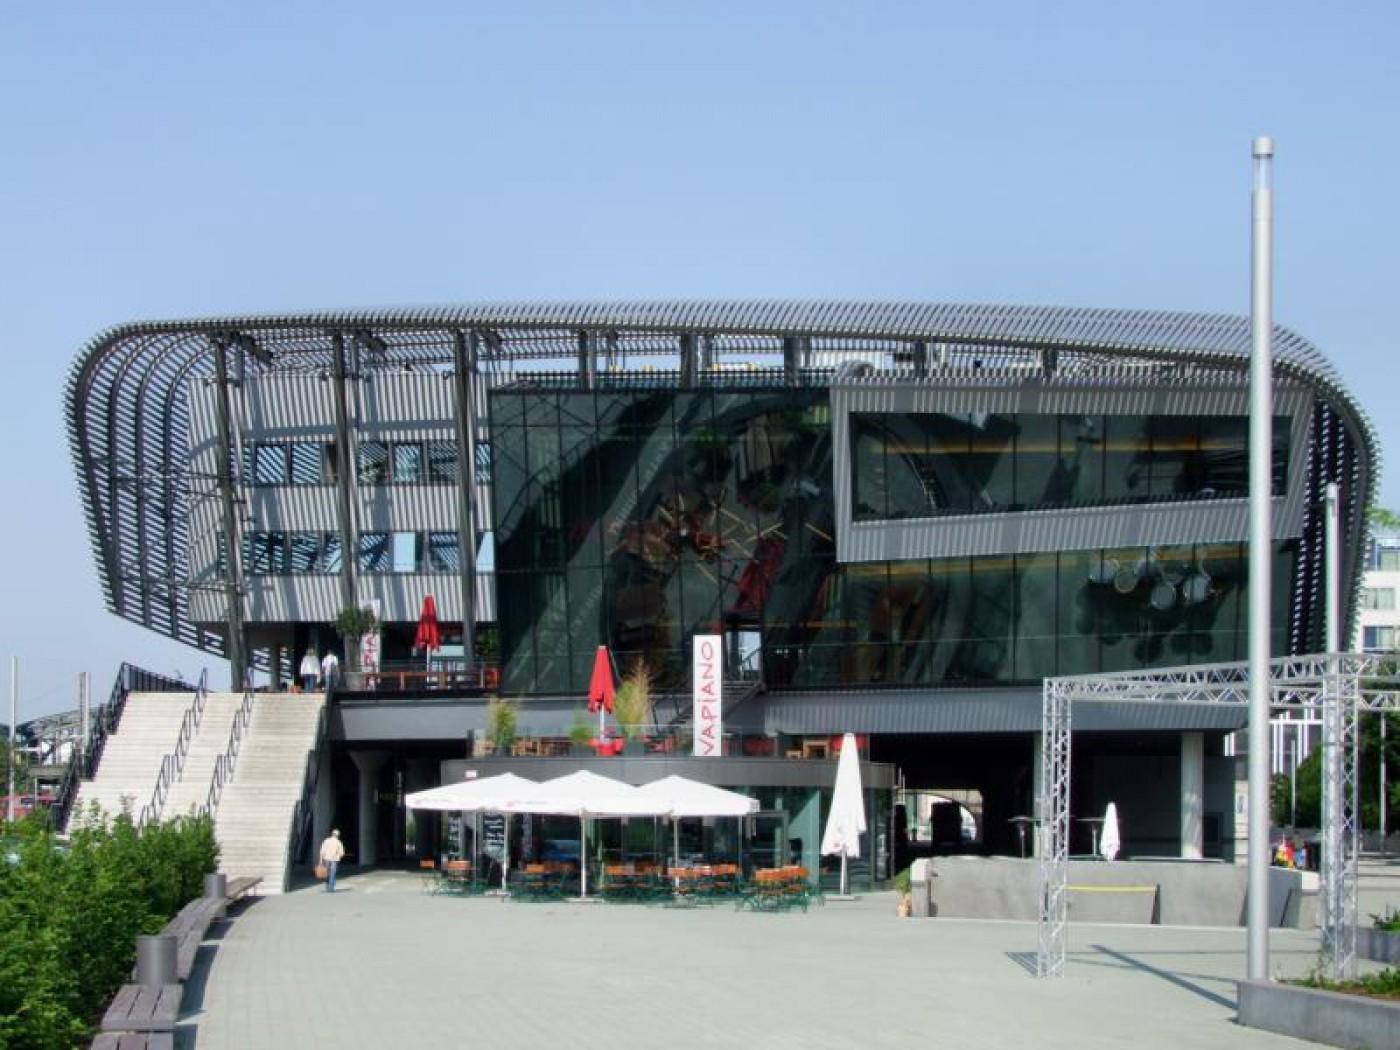 zob_Zentraler Omnibusbahnhof Muenchen_100625_30_expo_03